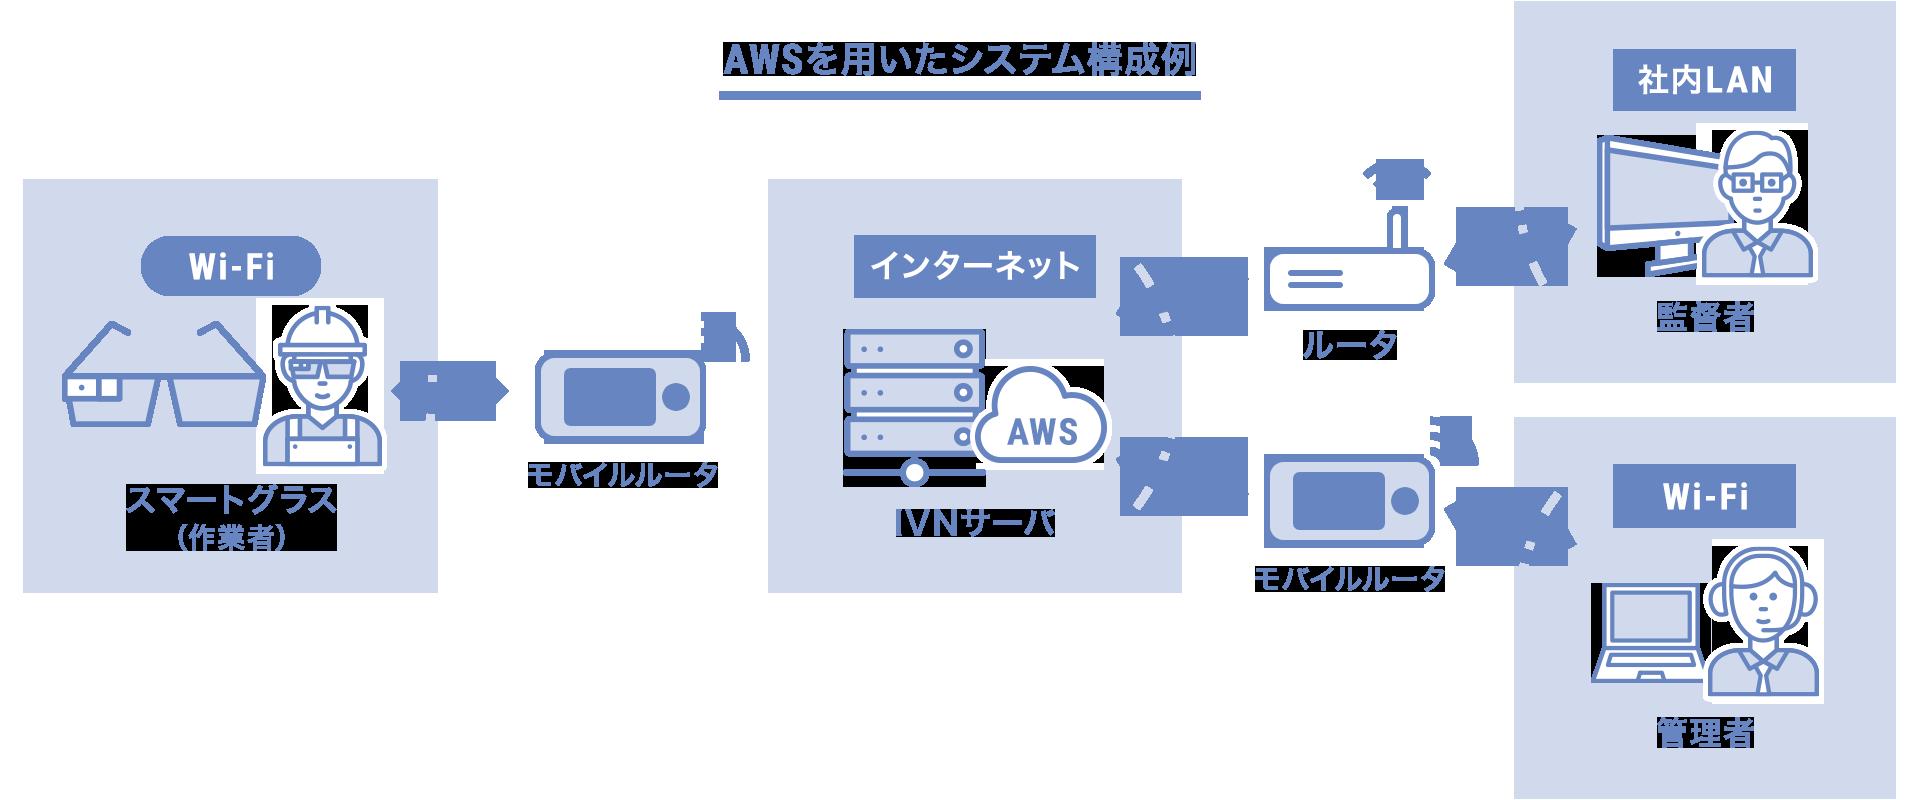 システム構成・動作環境 イメージ図